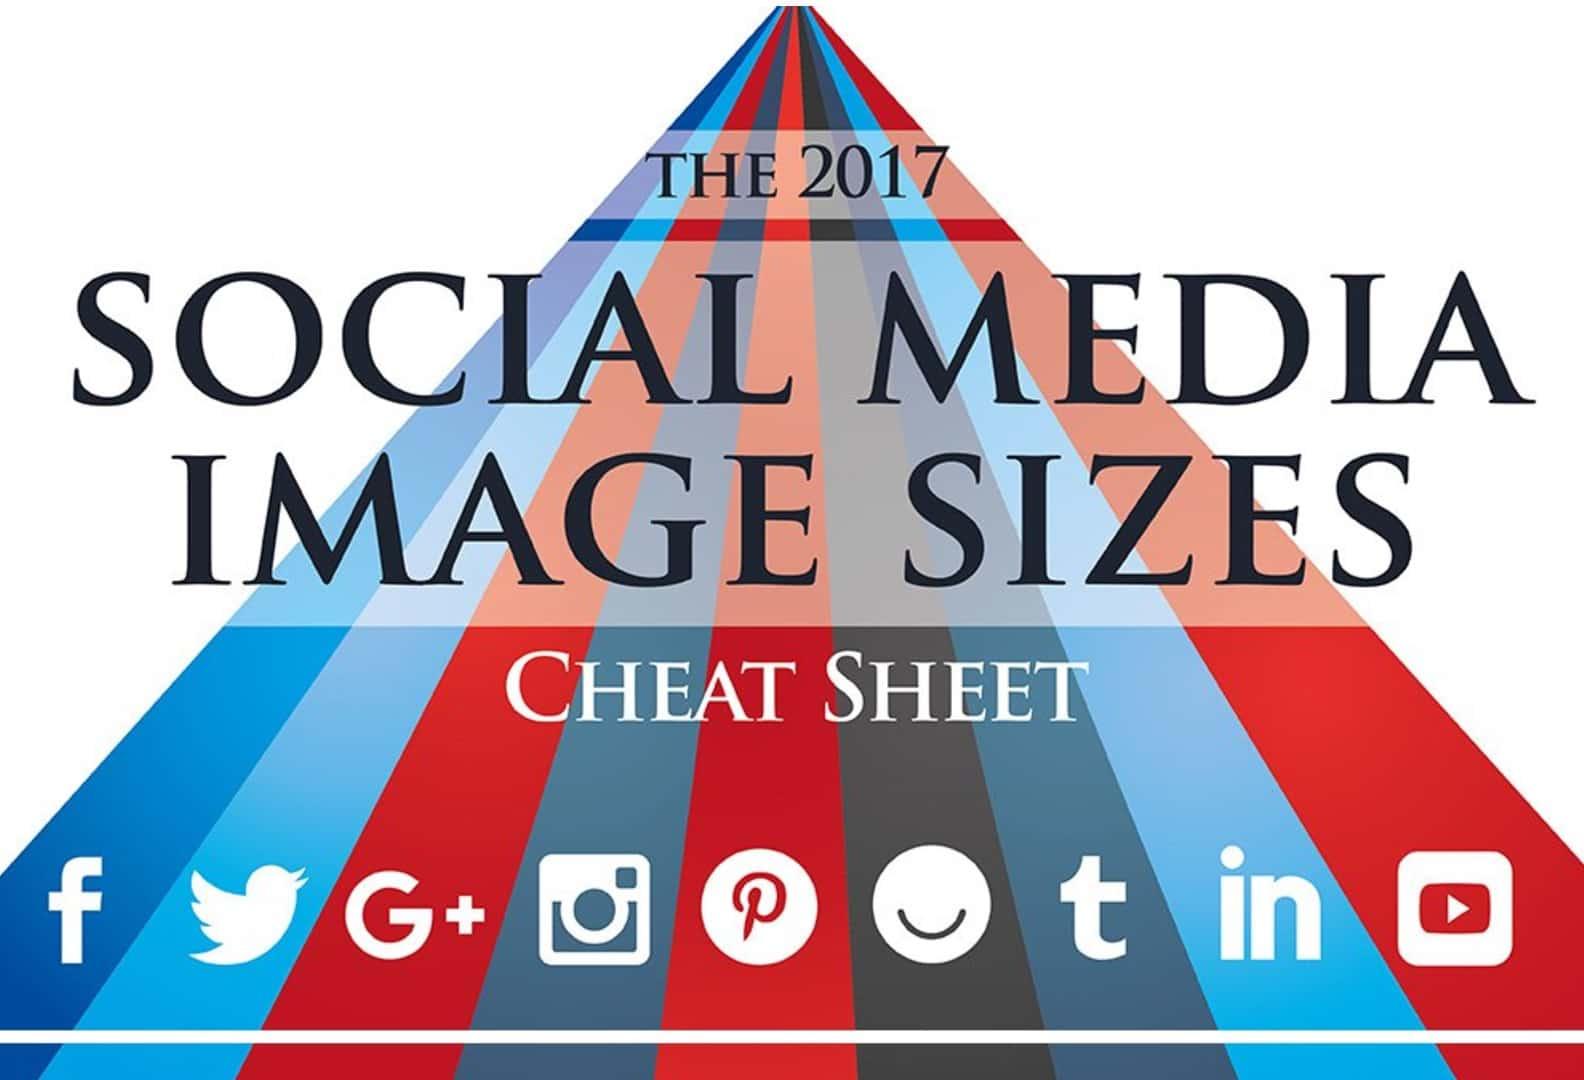 dimensioni-immagini-social-media